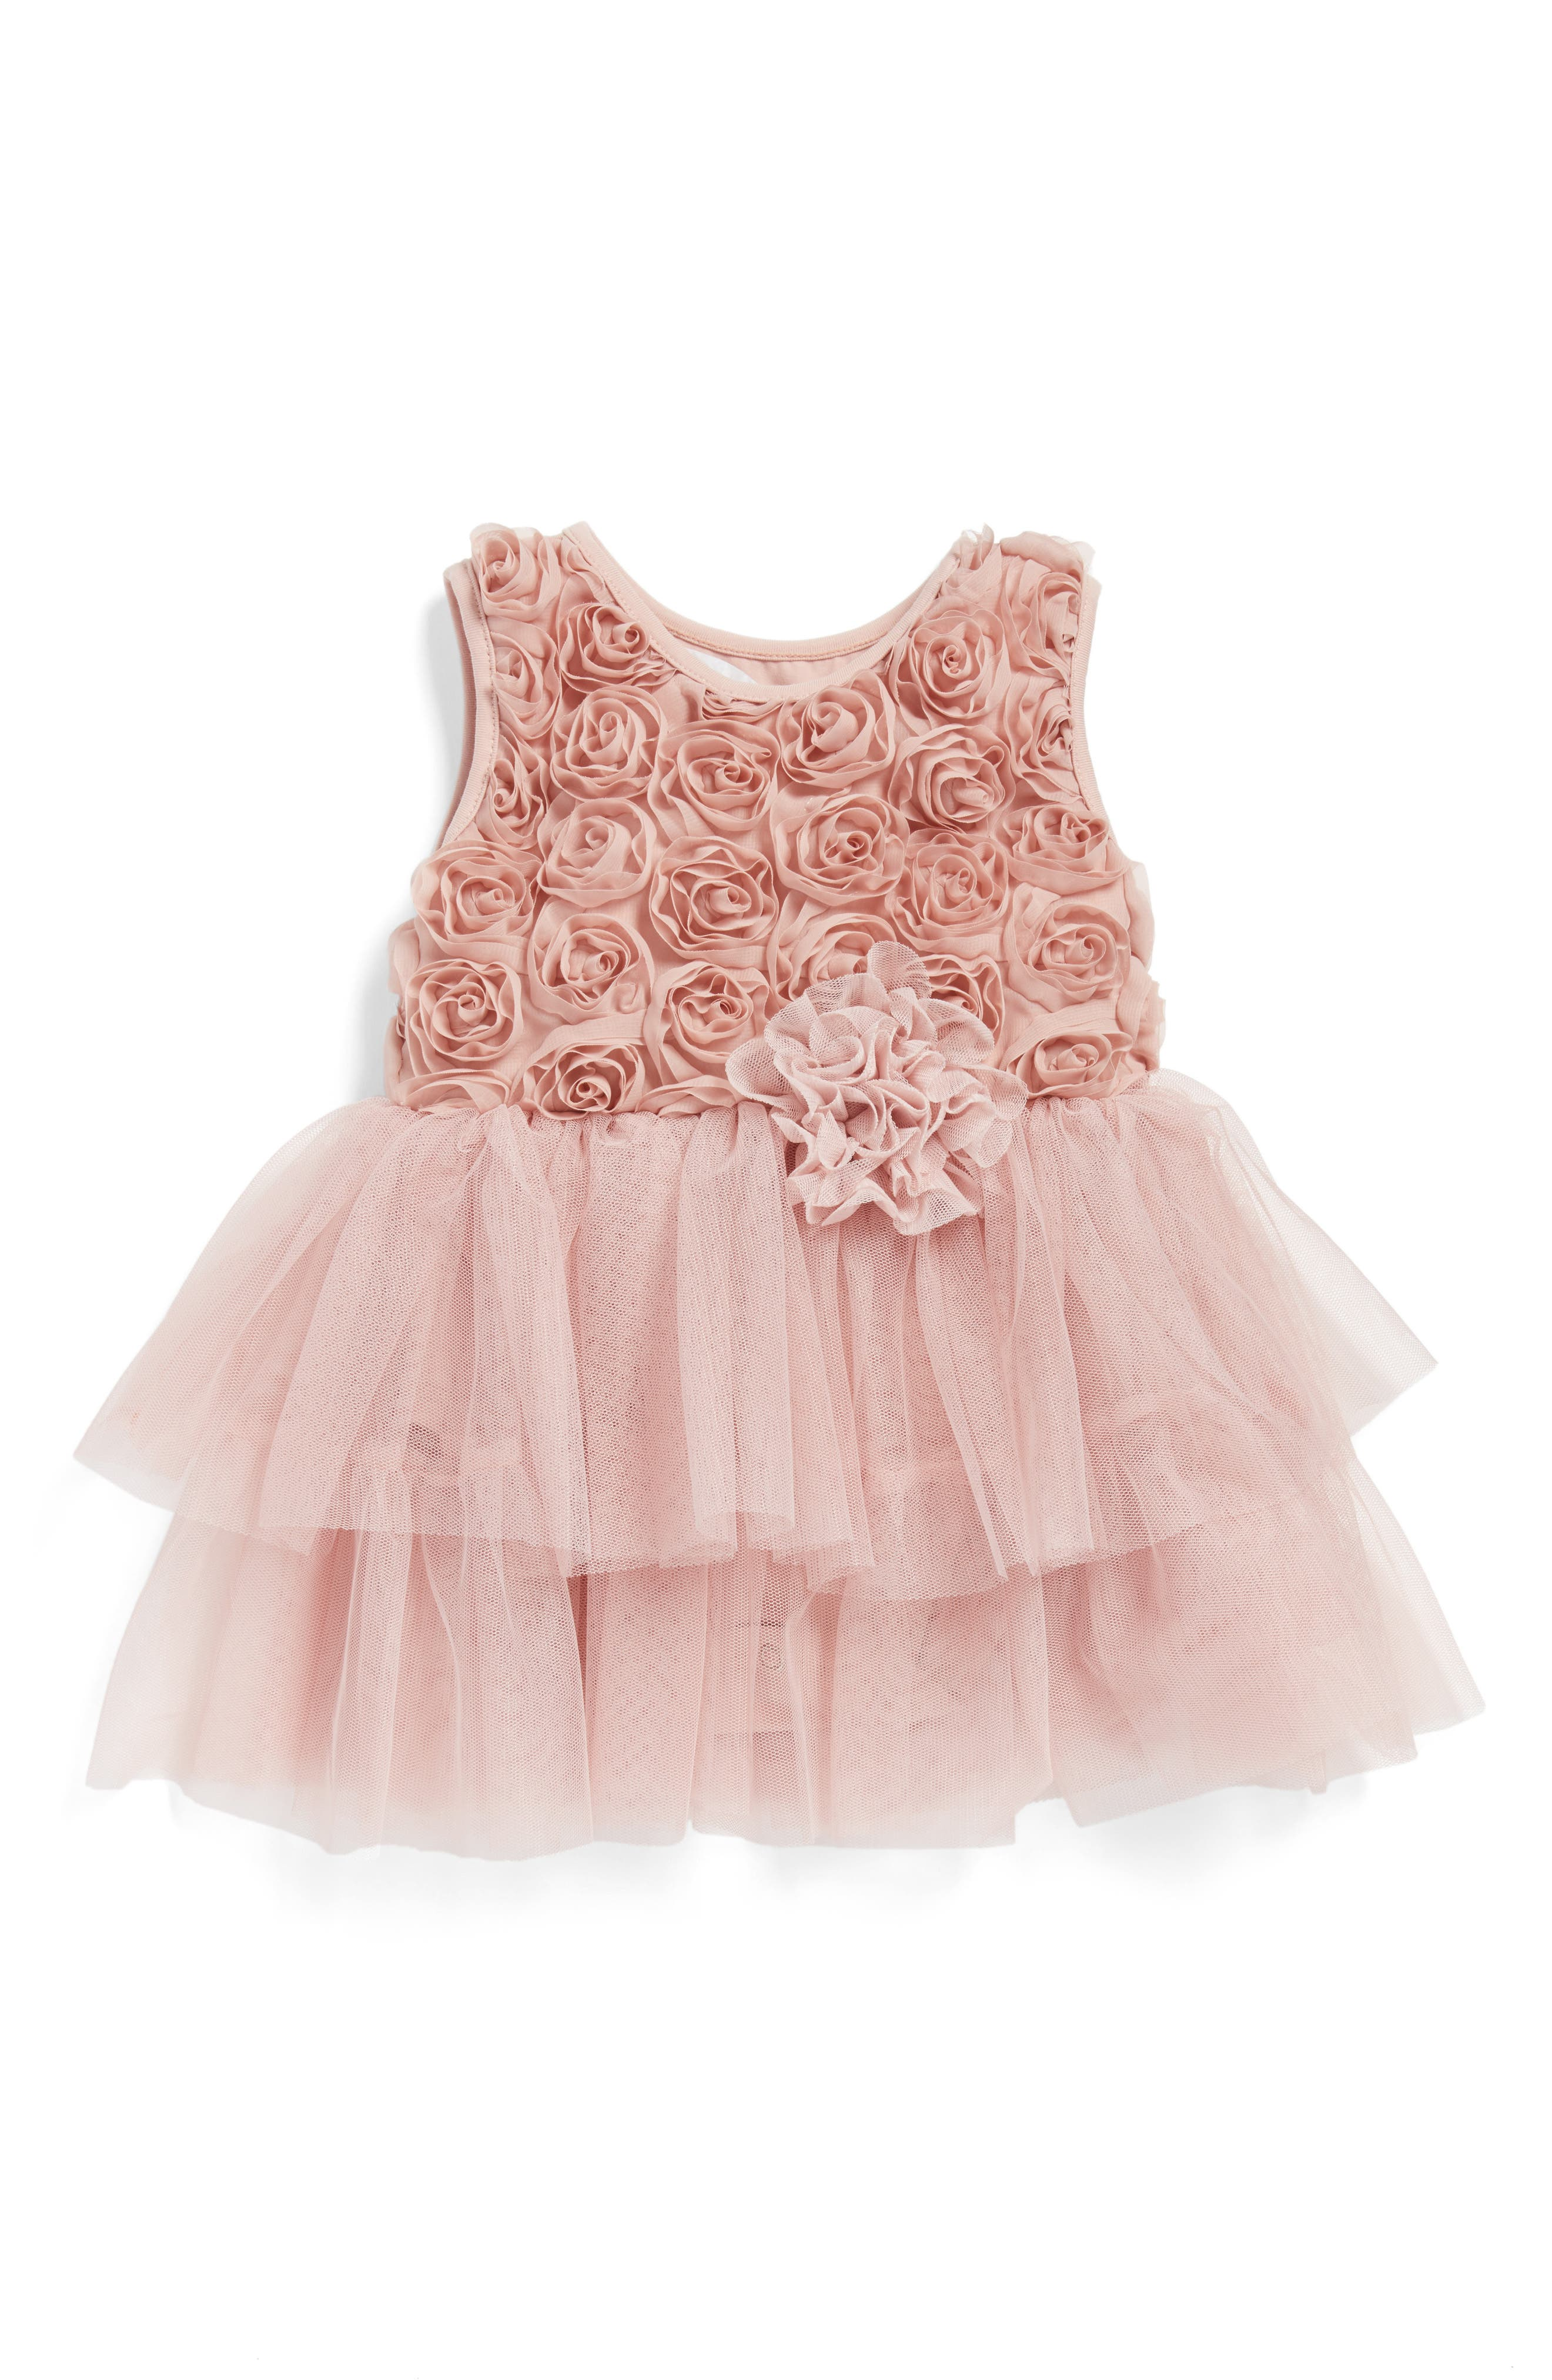 Rosette Tulle Dress,                             Alternate thumbnail 3, color,                             DUSTY PINK